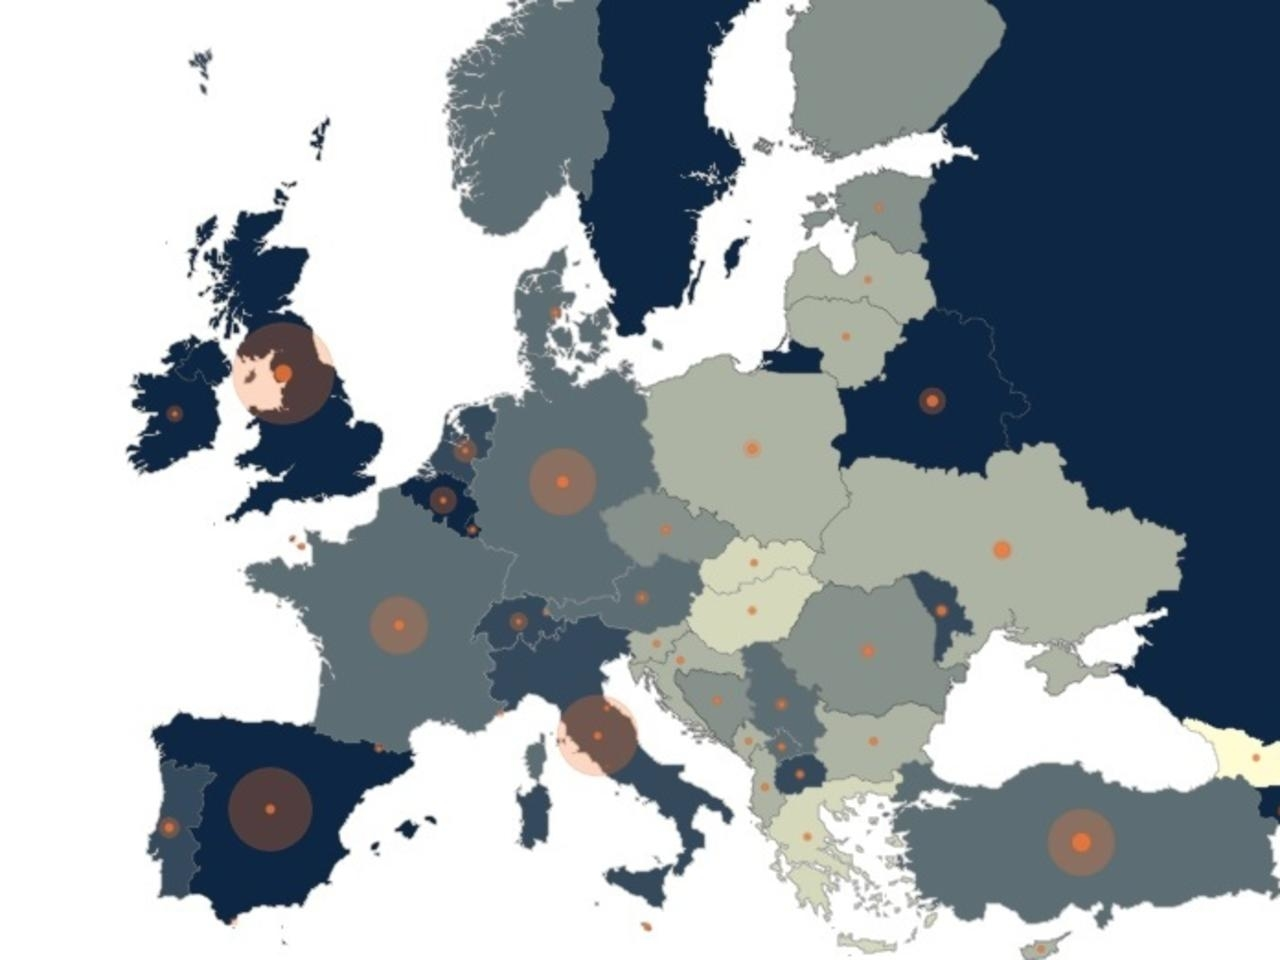 France Masque Blog carte européenne de la pandémie de COVID-19